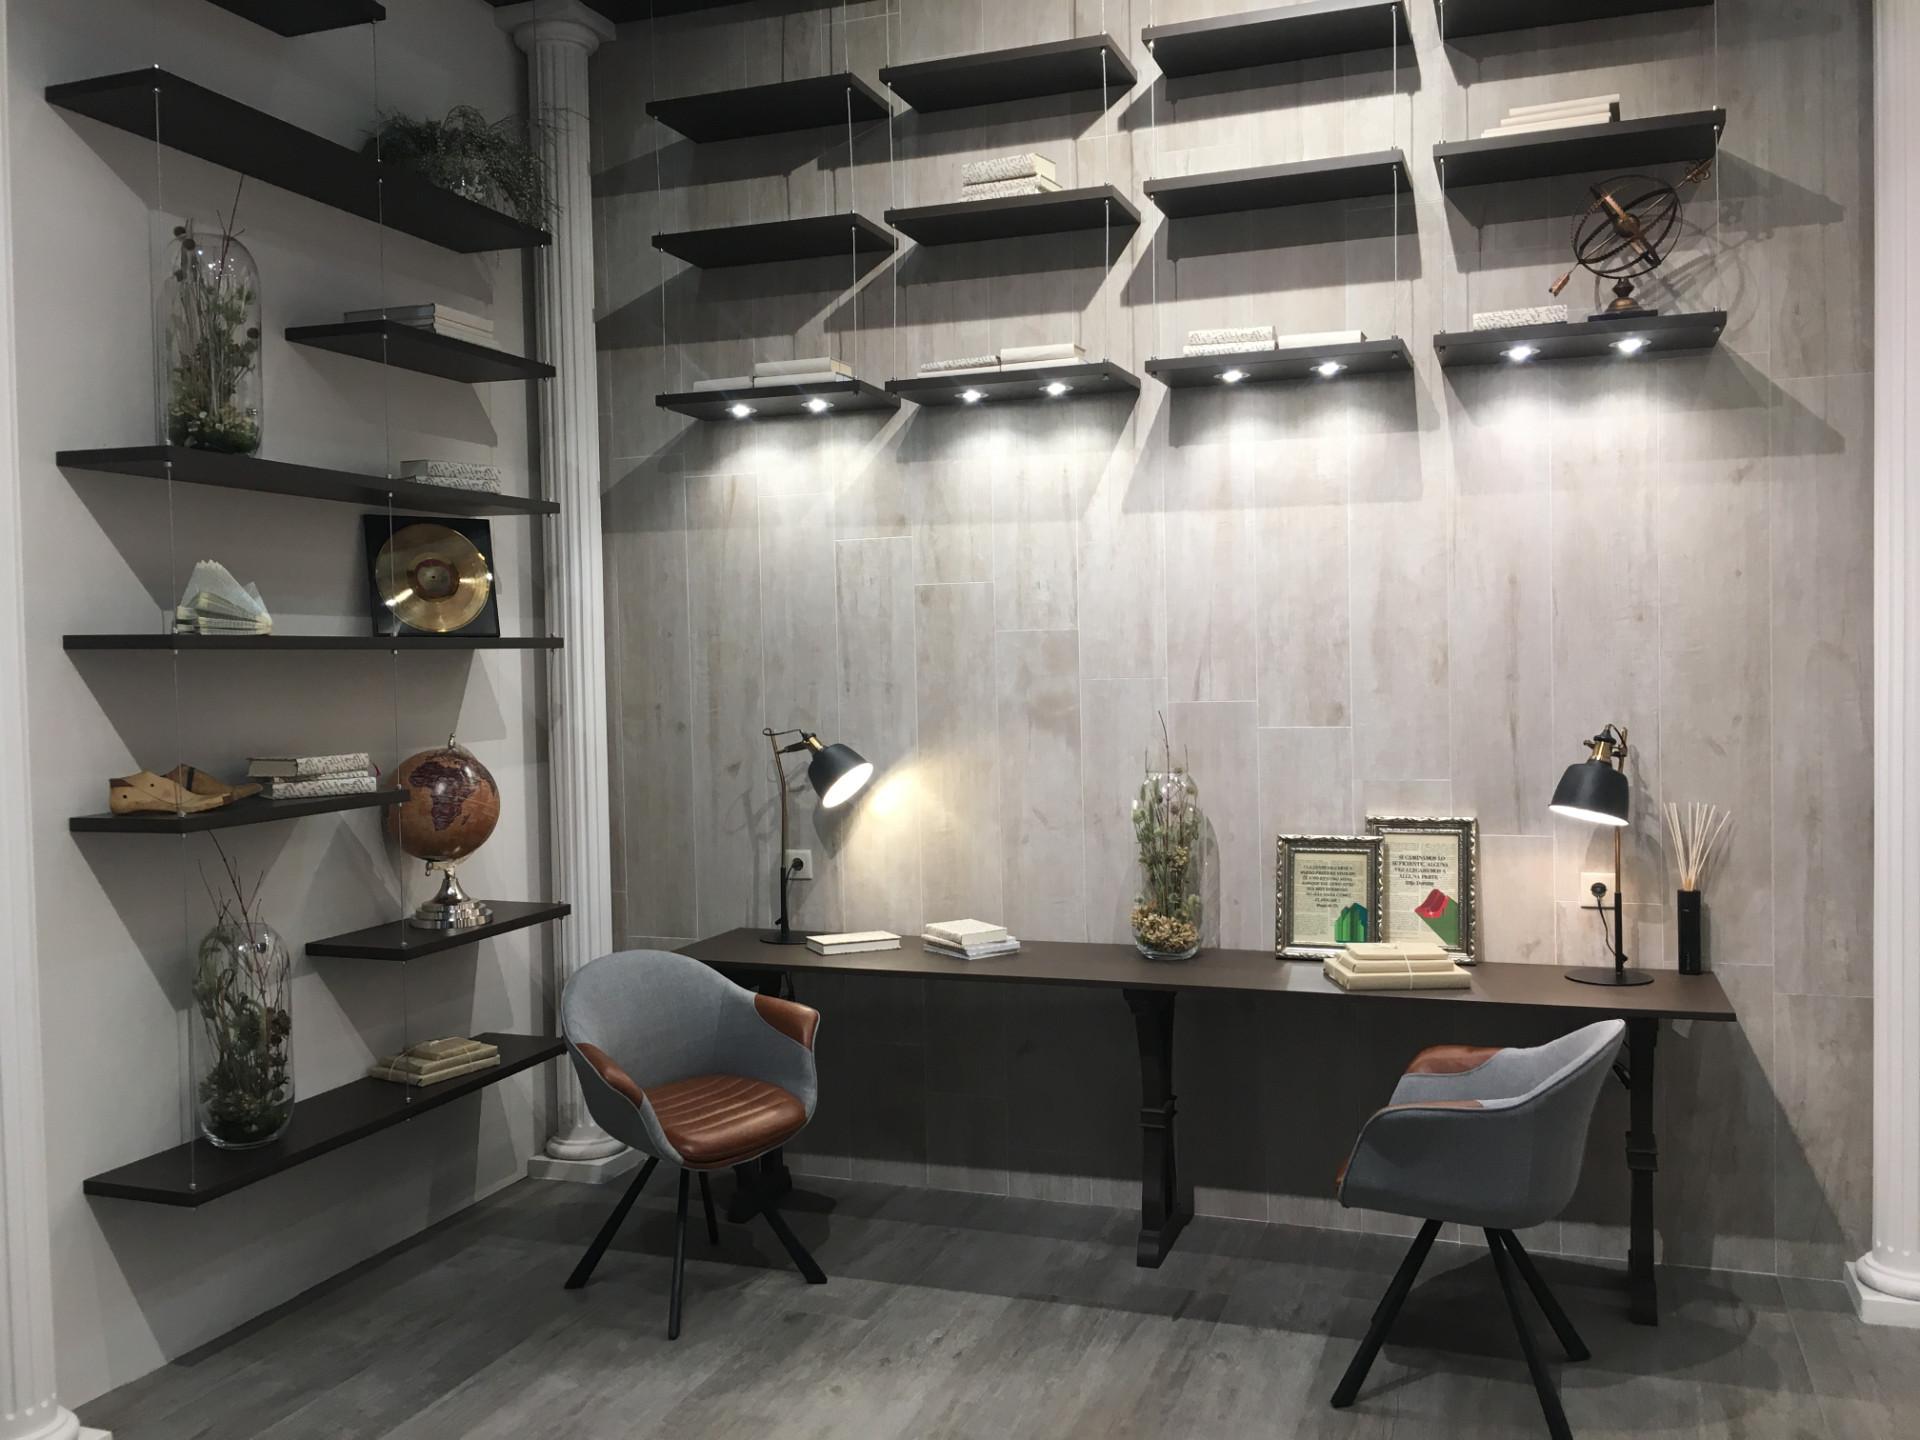 cevisama-feria-evento-internacional-ceramica-banos-piedra-feria-valencia-2019-5